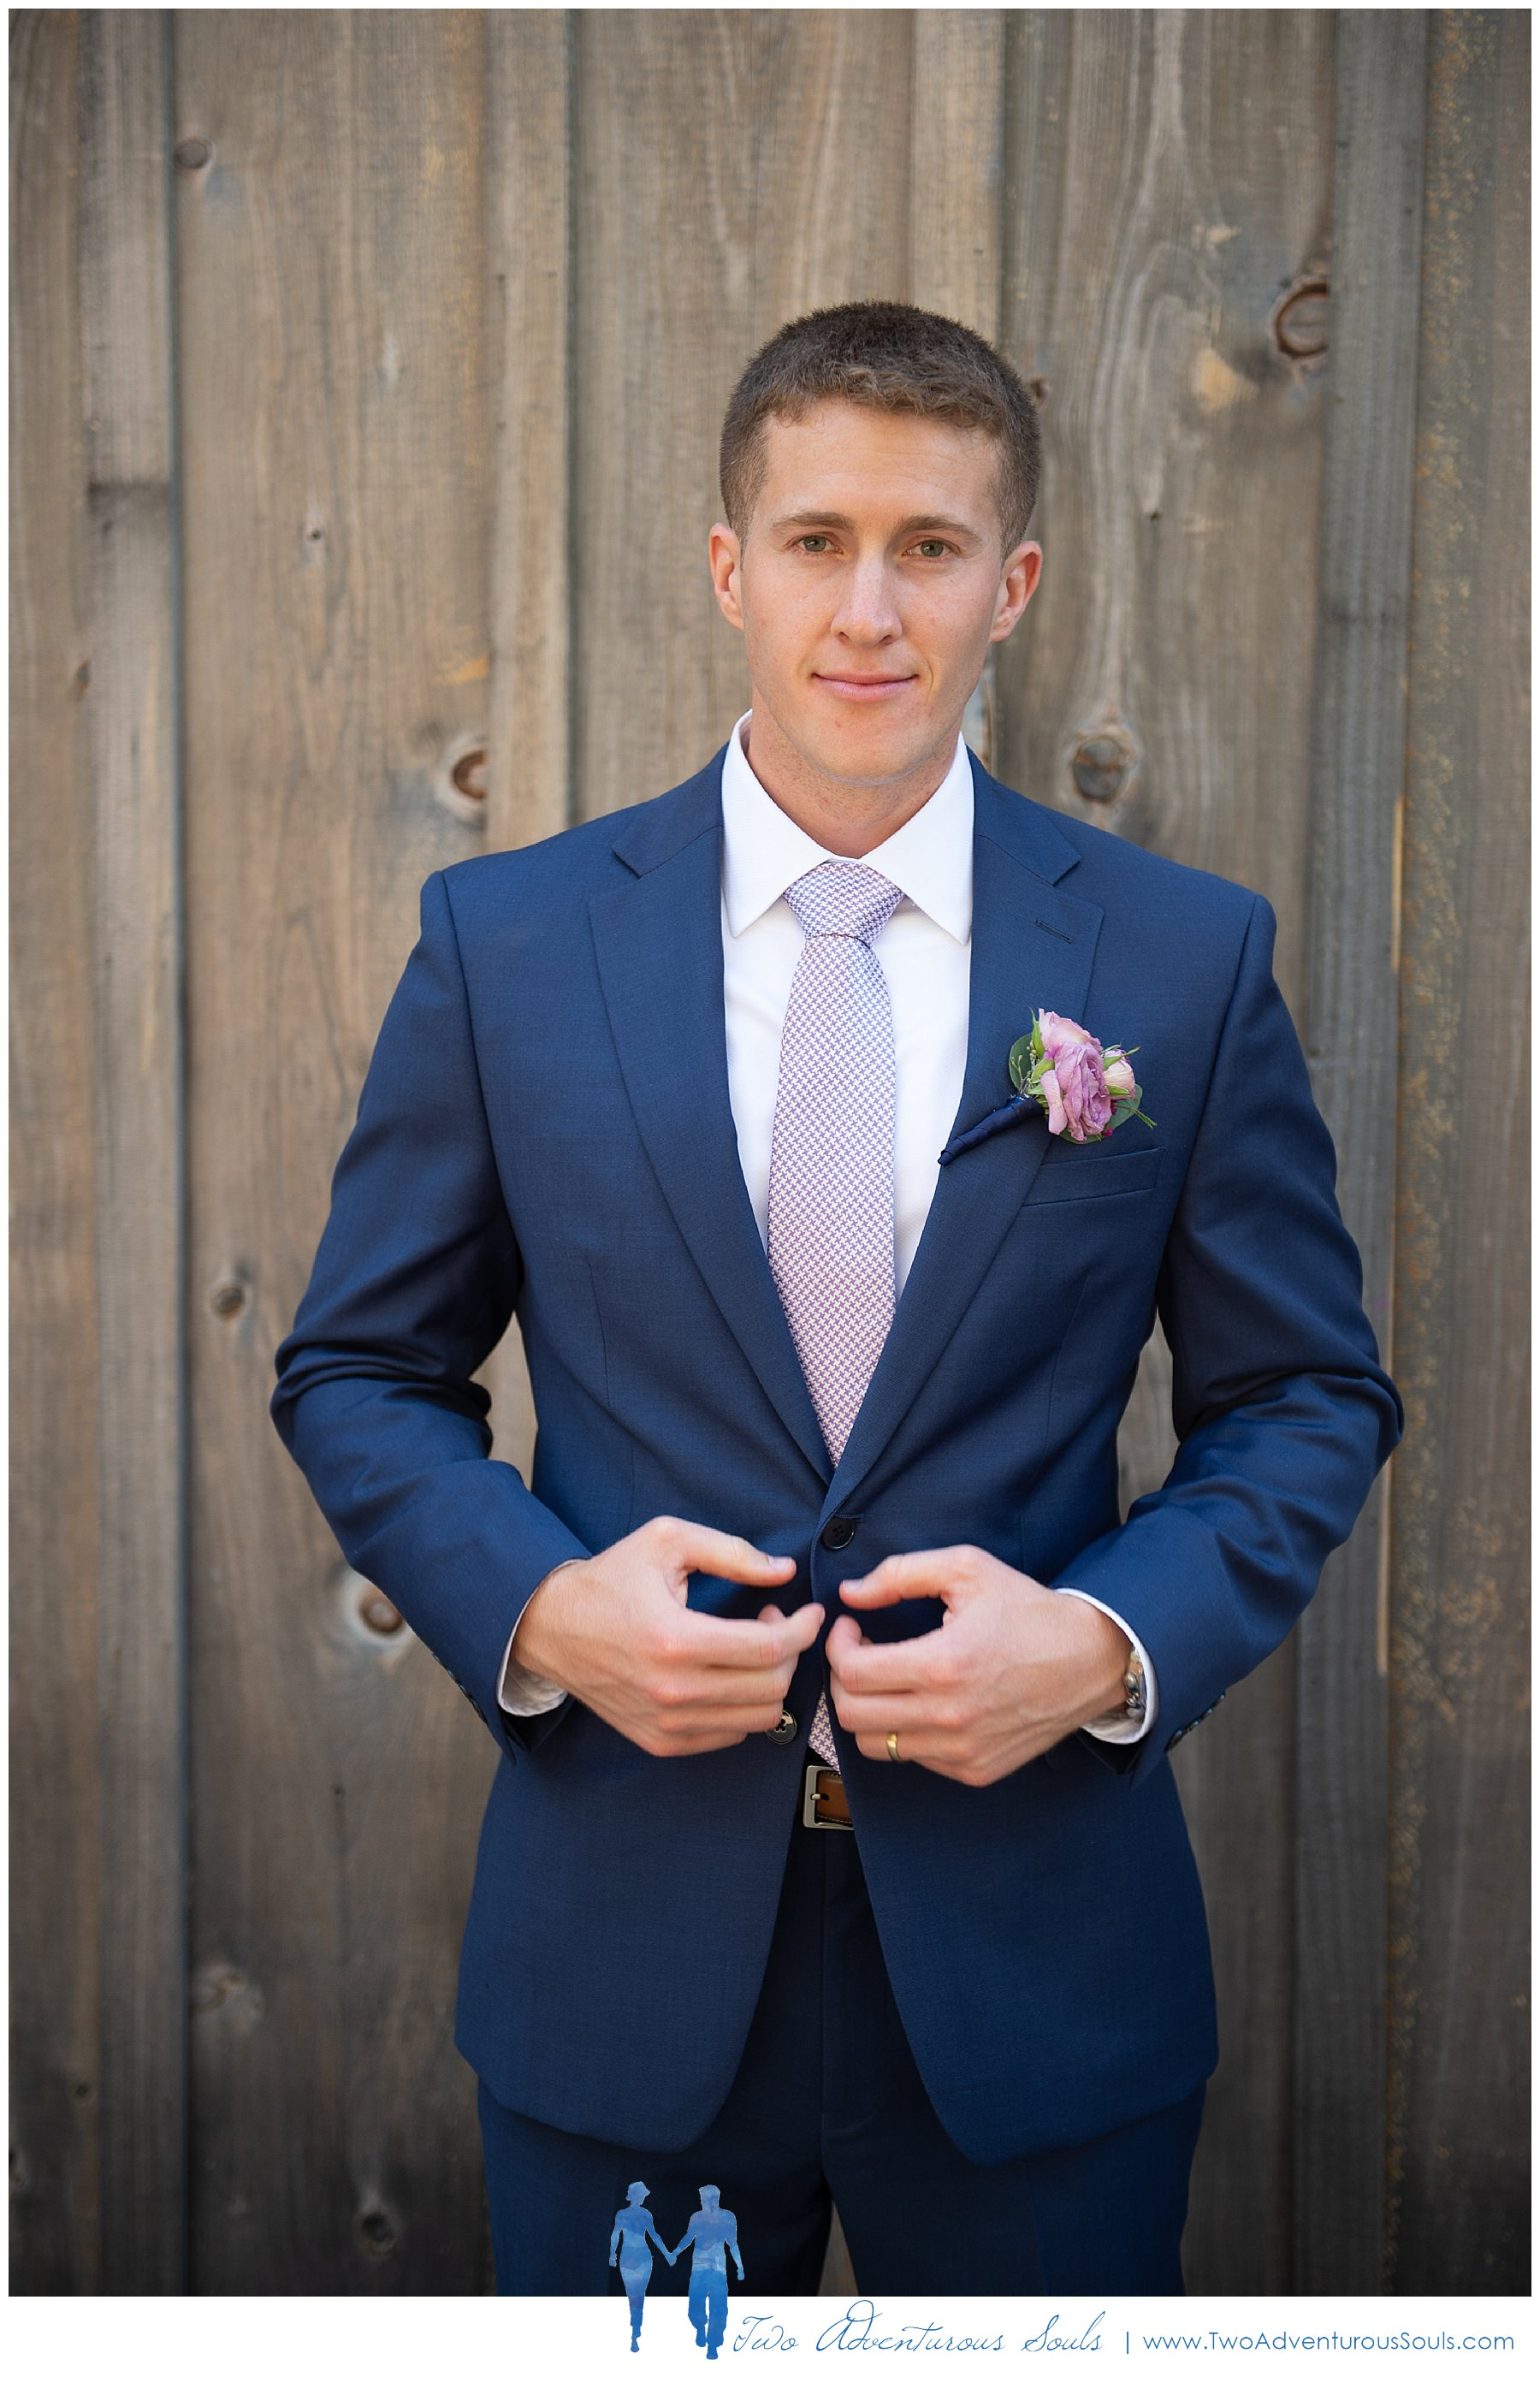 Maine Wedding Photographers, Granite Ridge Estate Wedding Photographers, Two Adventurous Souls - 080319_0057.jpg